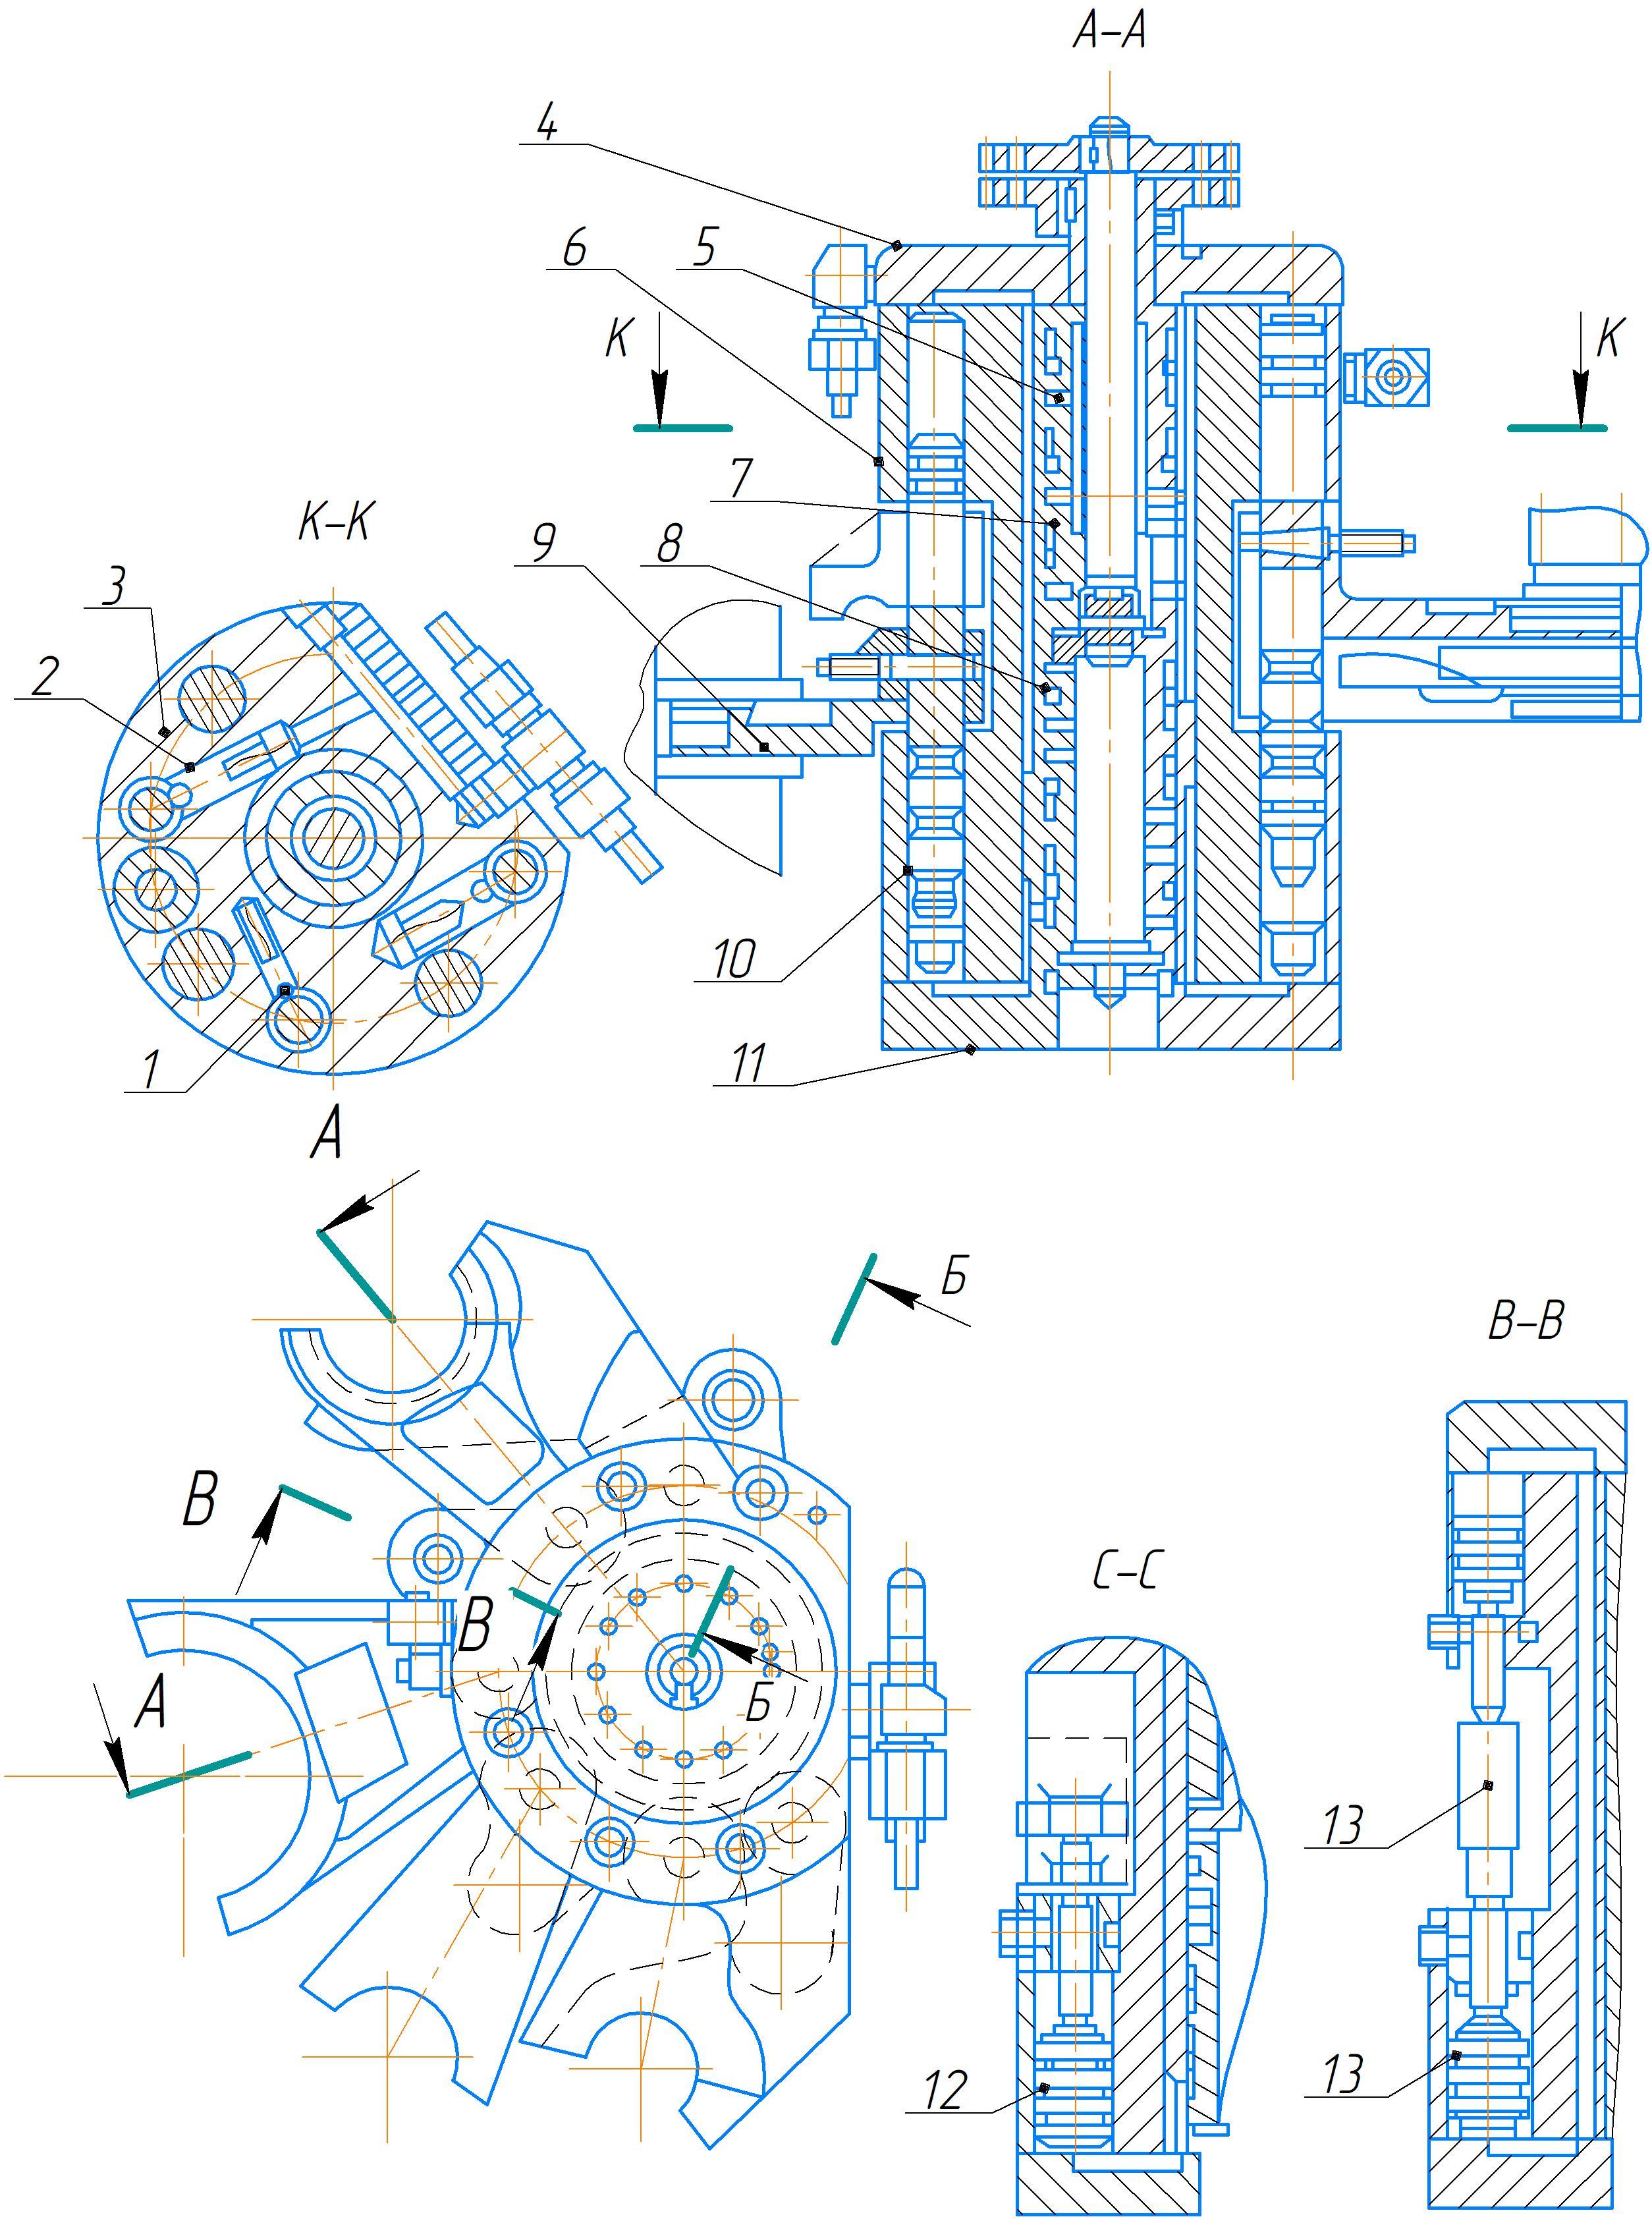 Гидропреселектор электрогидравлического механизма преселективного управления коробкой скоростей и подач станка 2А554